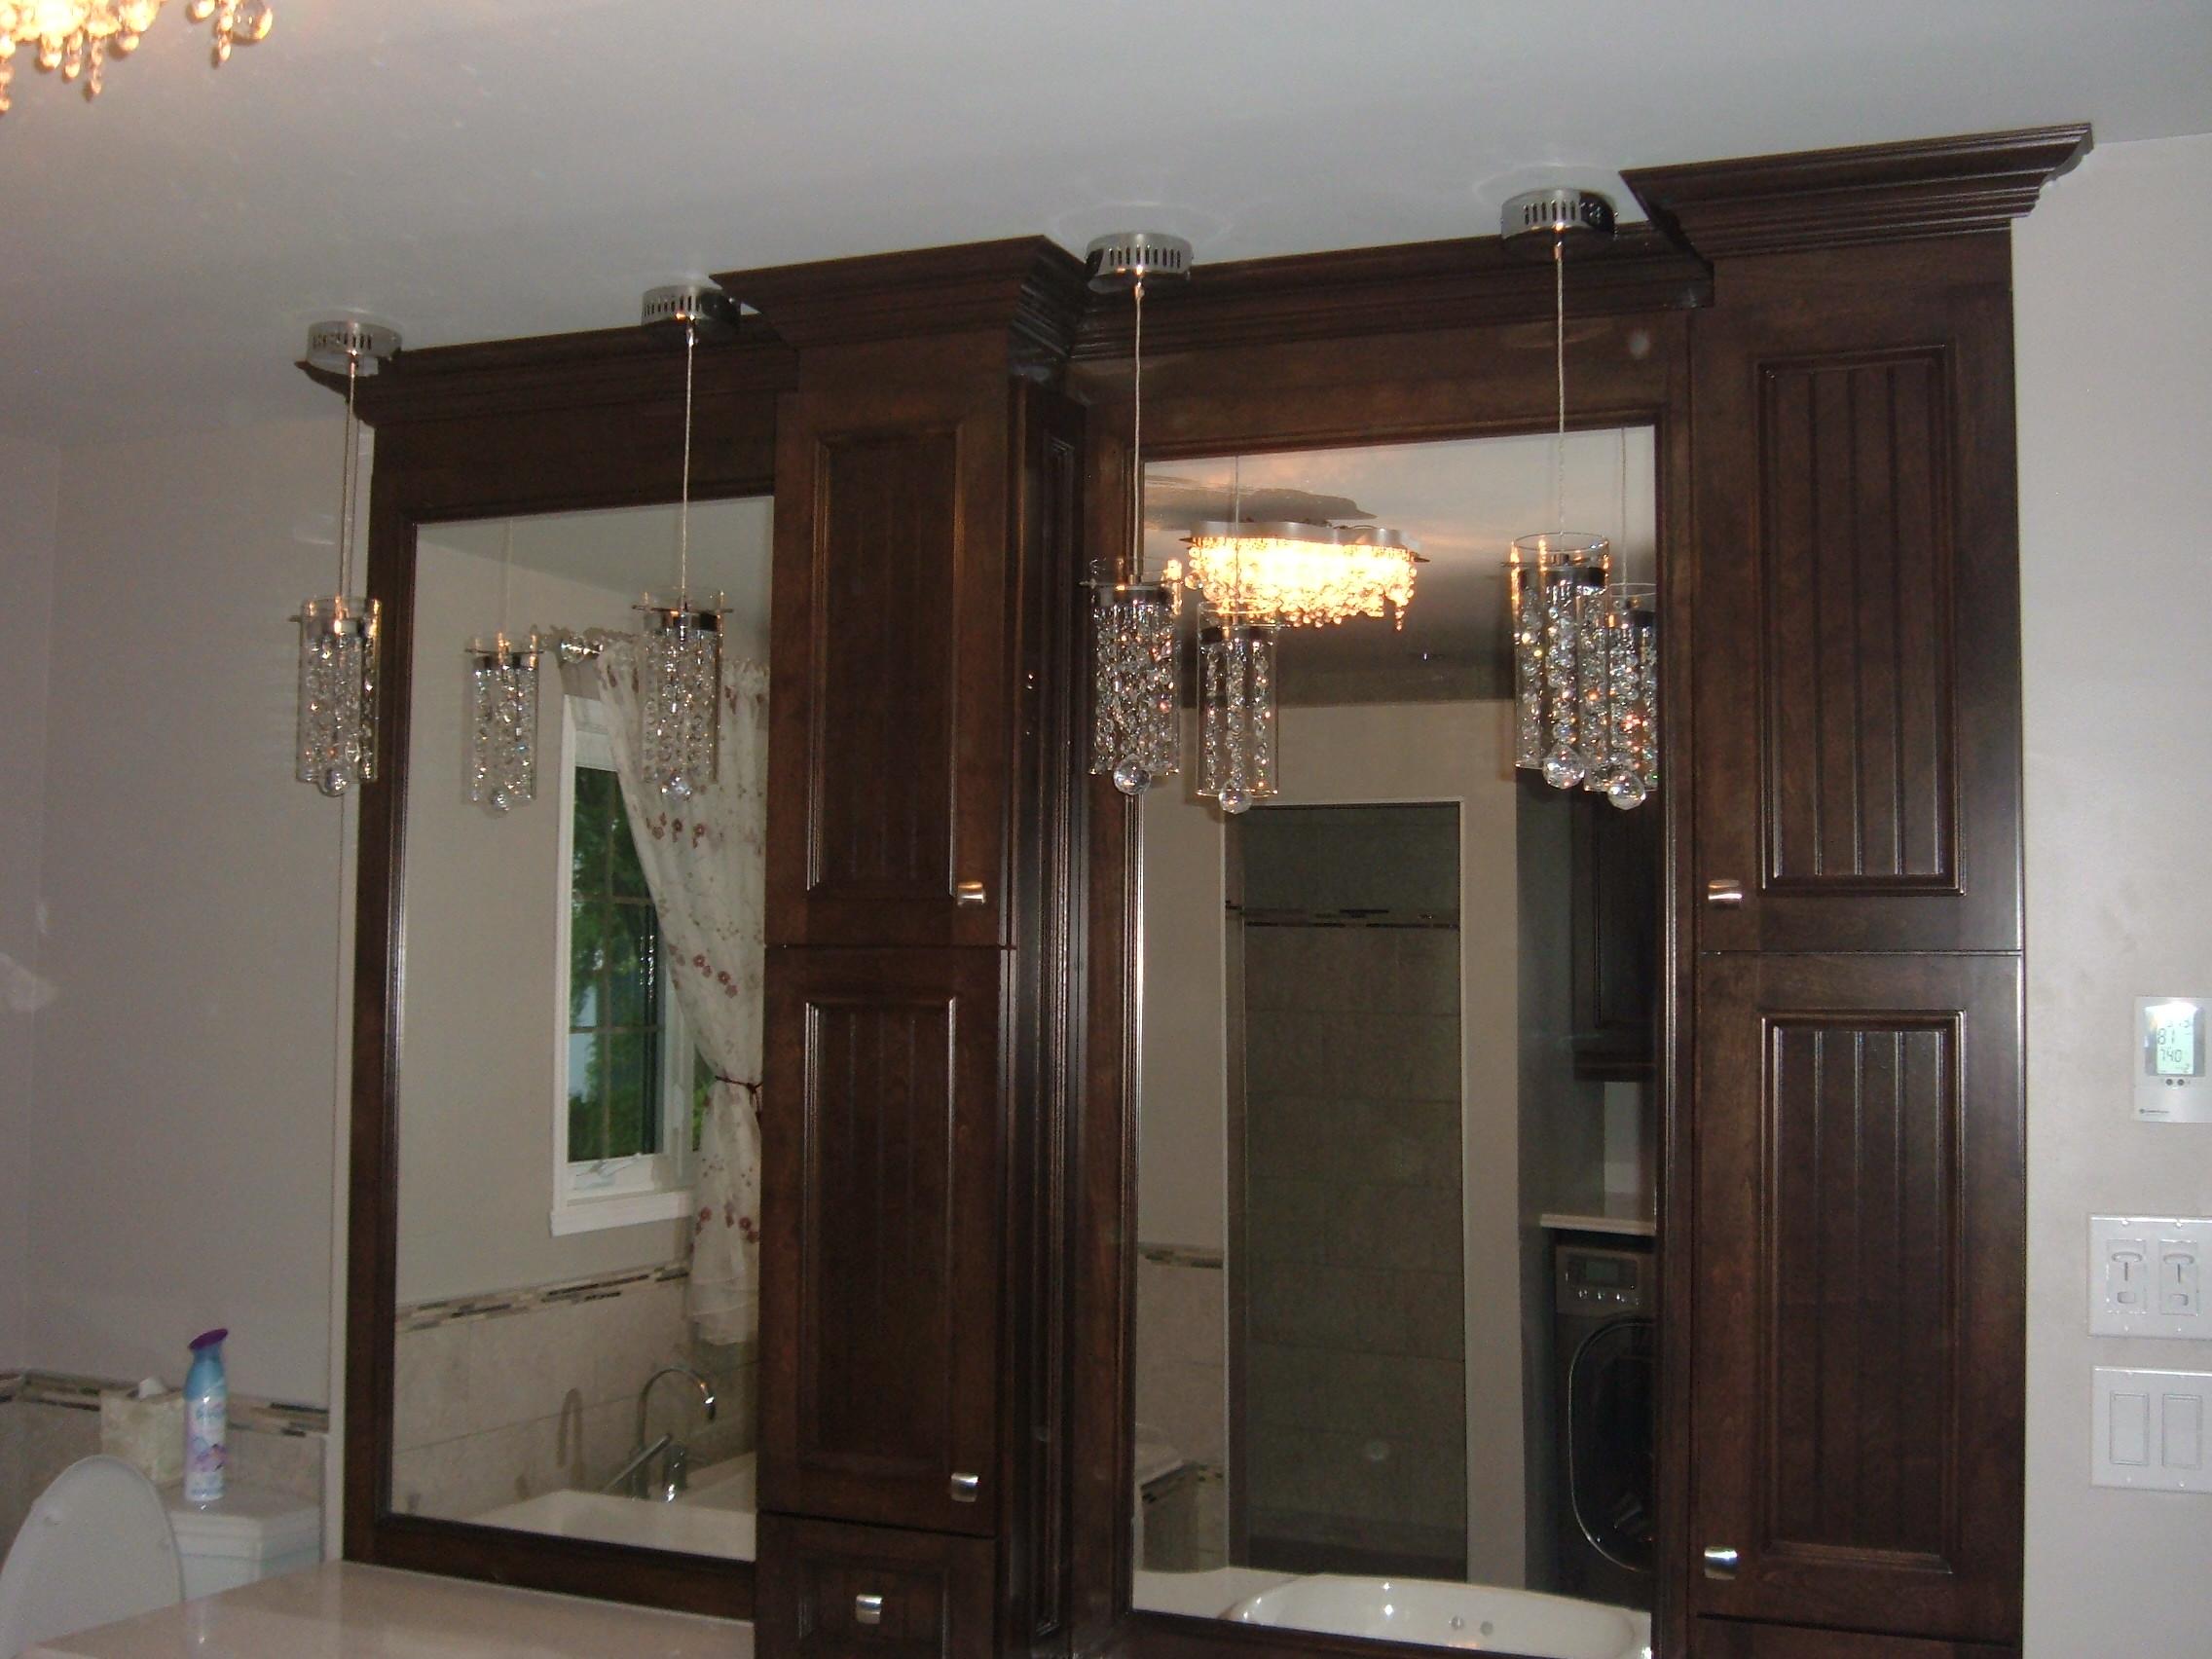 Conception de meubles à Joliette - Ébénisterie René Rivest (armoire de cuisine Joliette)